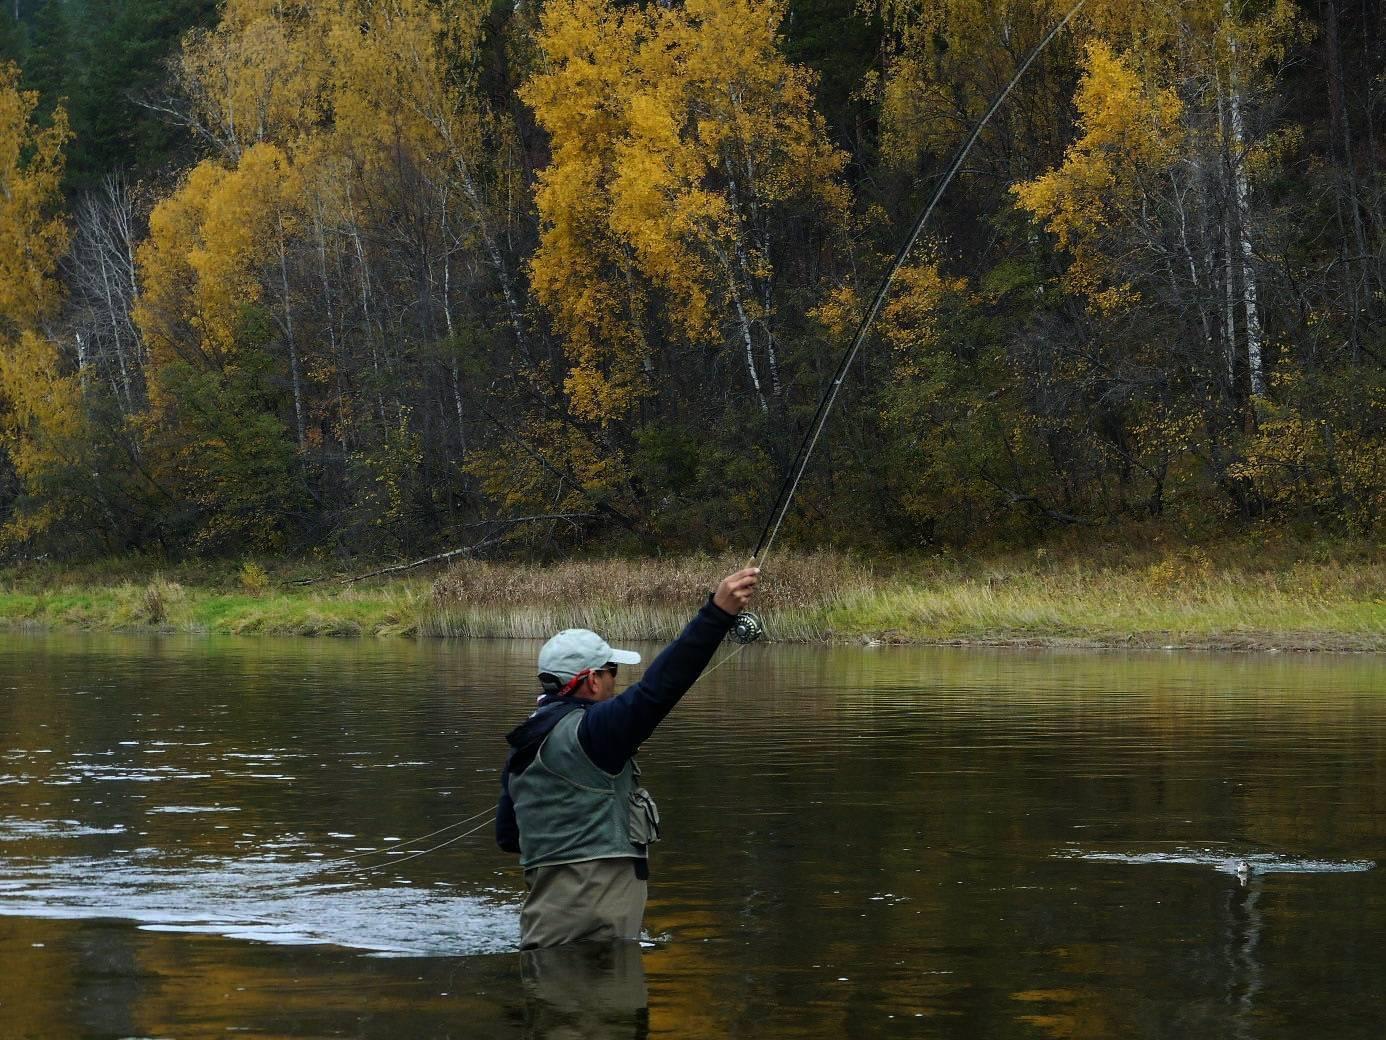 Донная снасть для ловли на течении| ходовая донка для ловли на реке